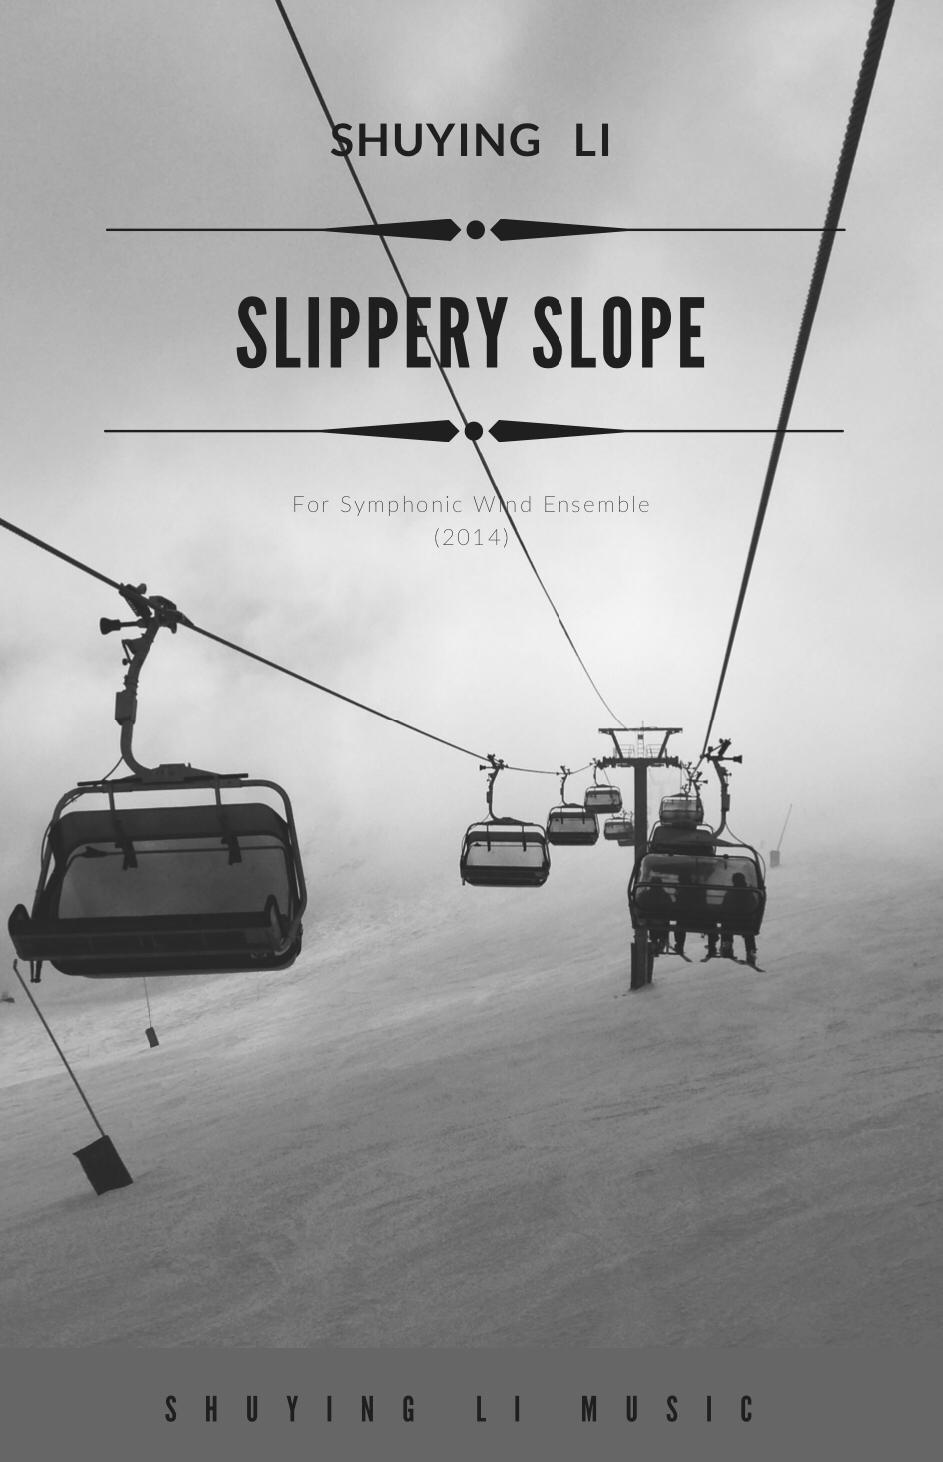 Slippery Slope by Shuying Li